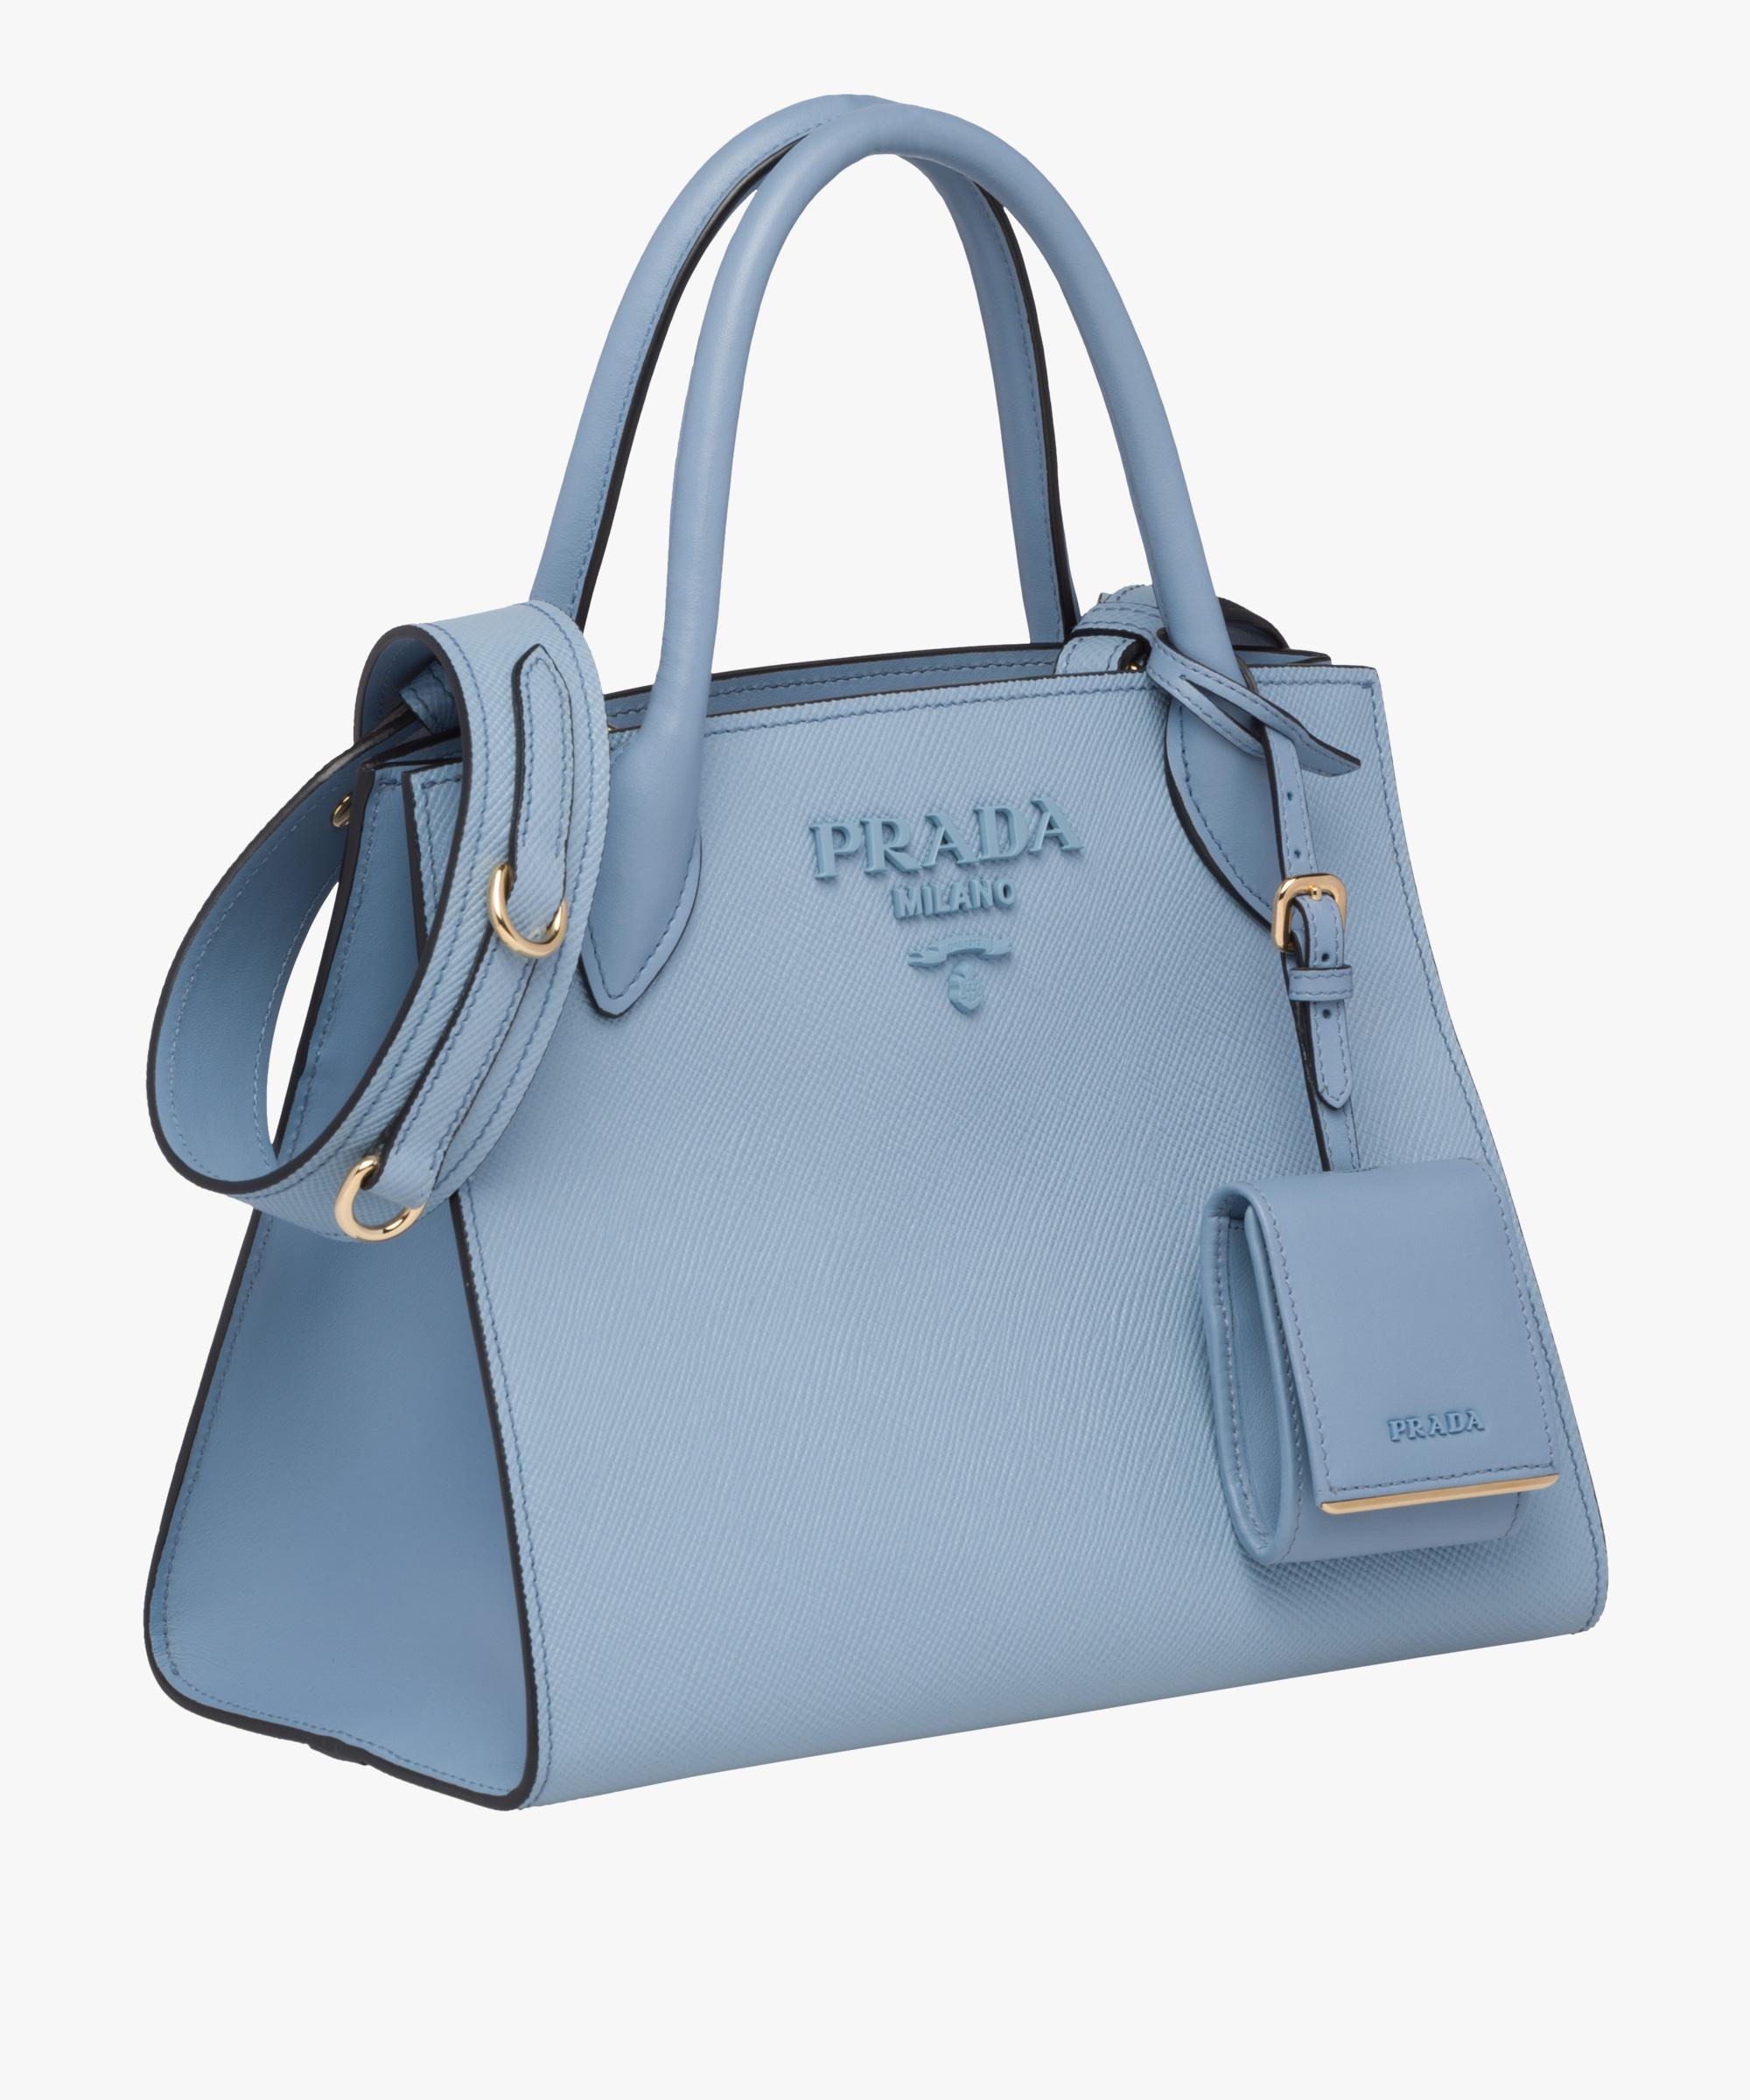 93c06f8a57bb ... Prada Monochrome Saffiano leather bag Prada ASTRAL BLUE ...